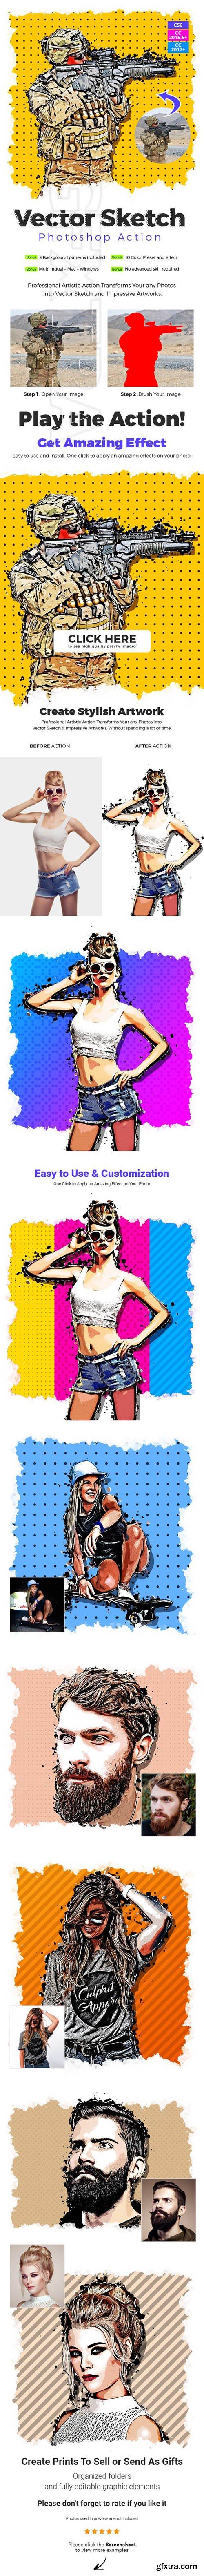 GraphicRiver - Vector Sketch Photoshop Action 26519972